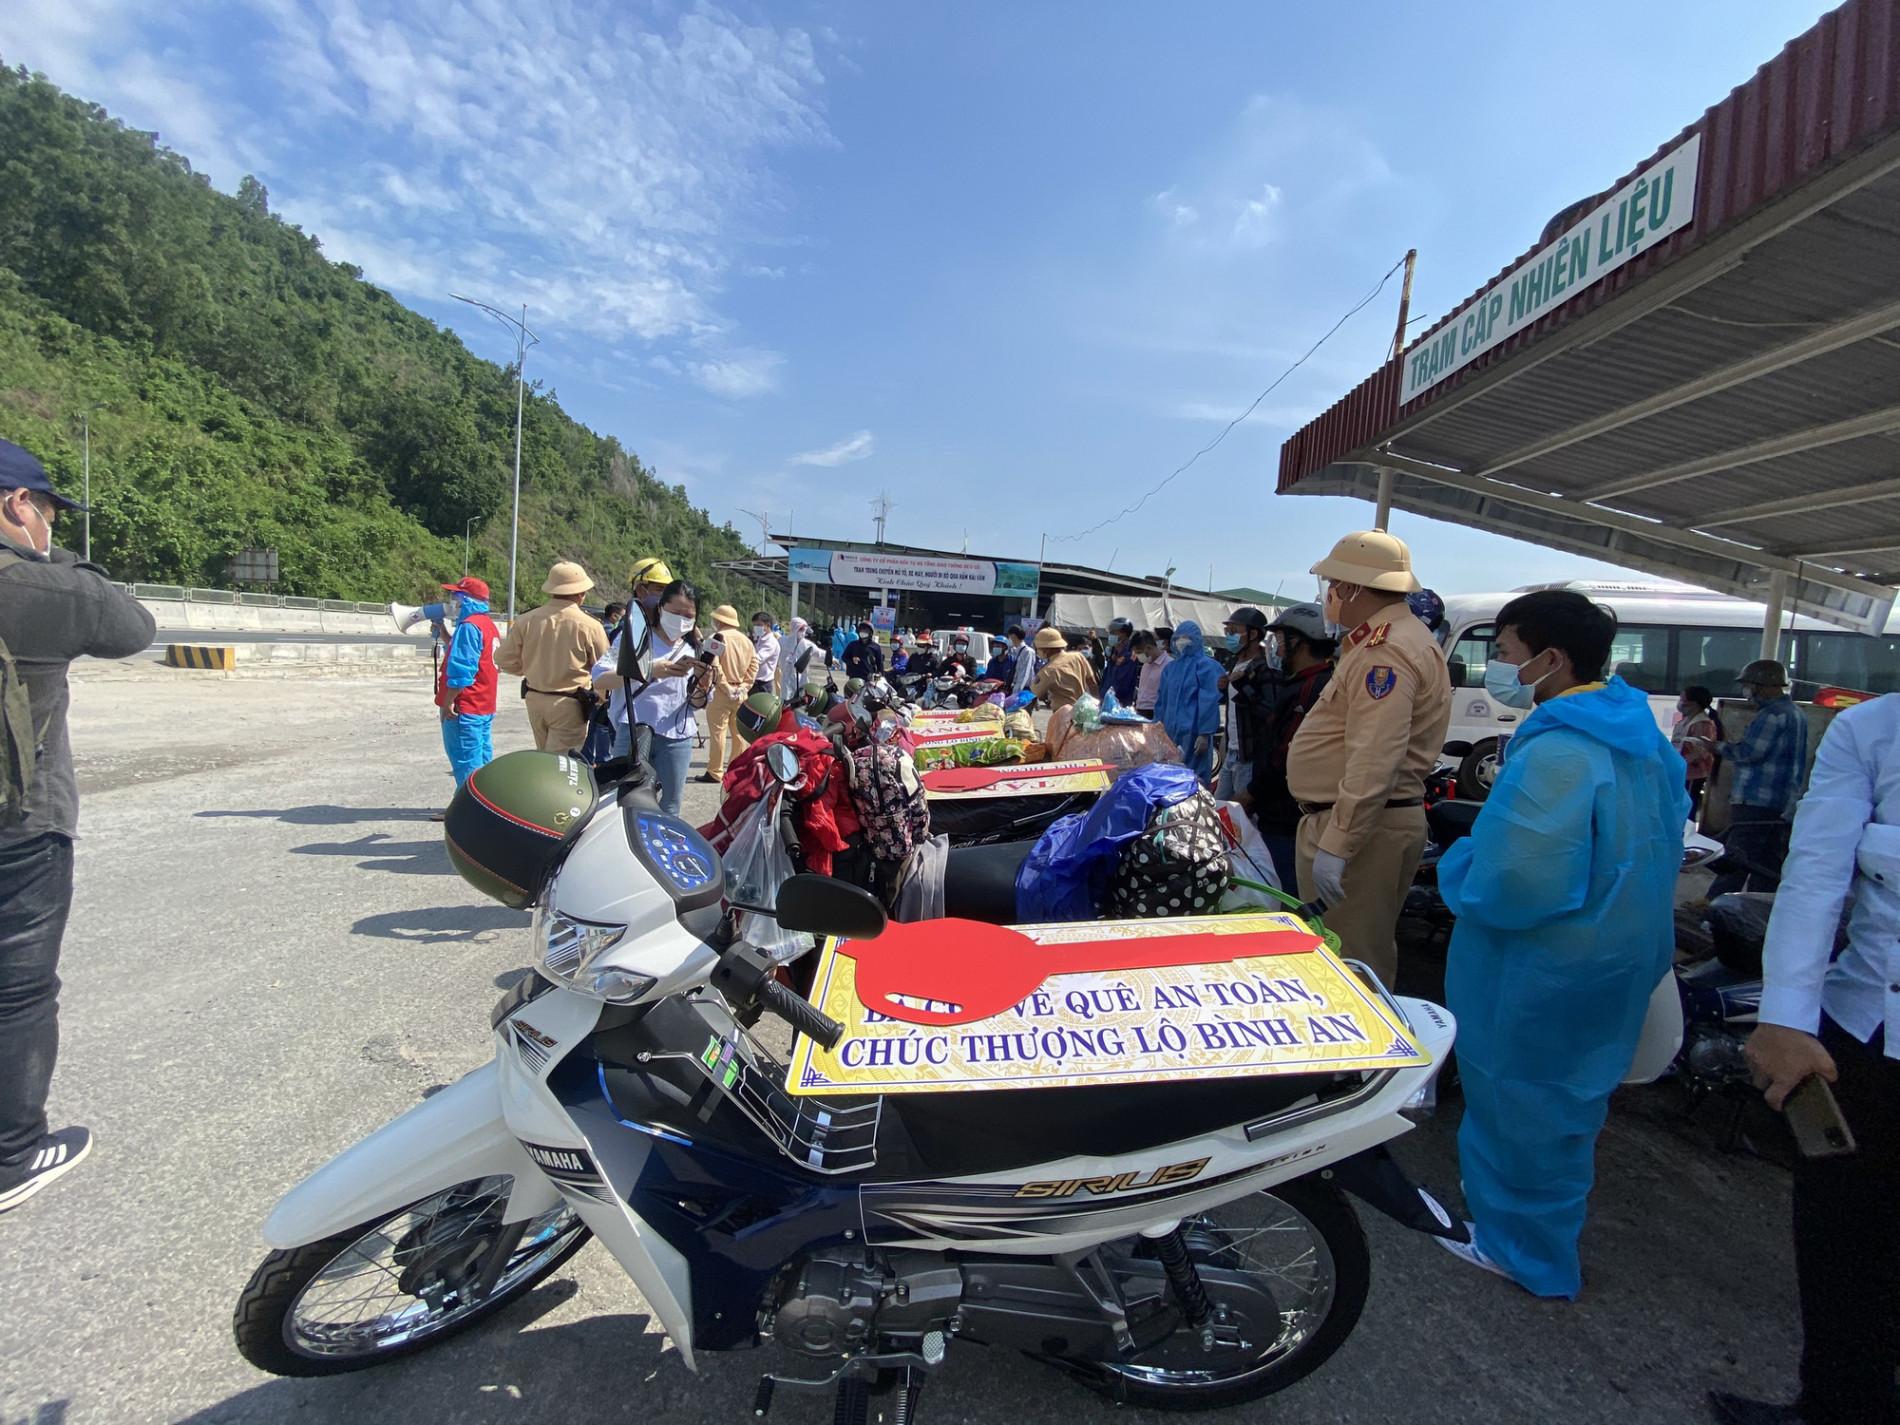 Bí thư Đà Nẵng đến hầm Hải Vân, phát tiền hỗ trợ cho người dân về quê - Ảnh 2.